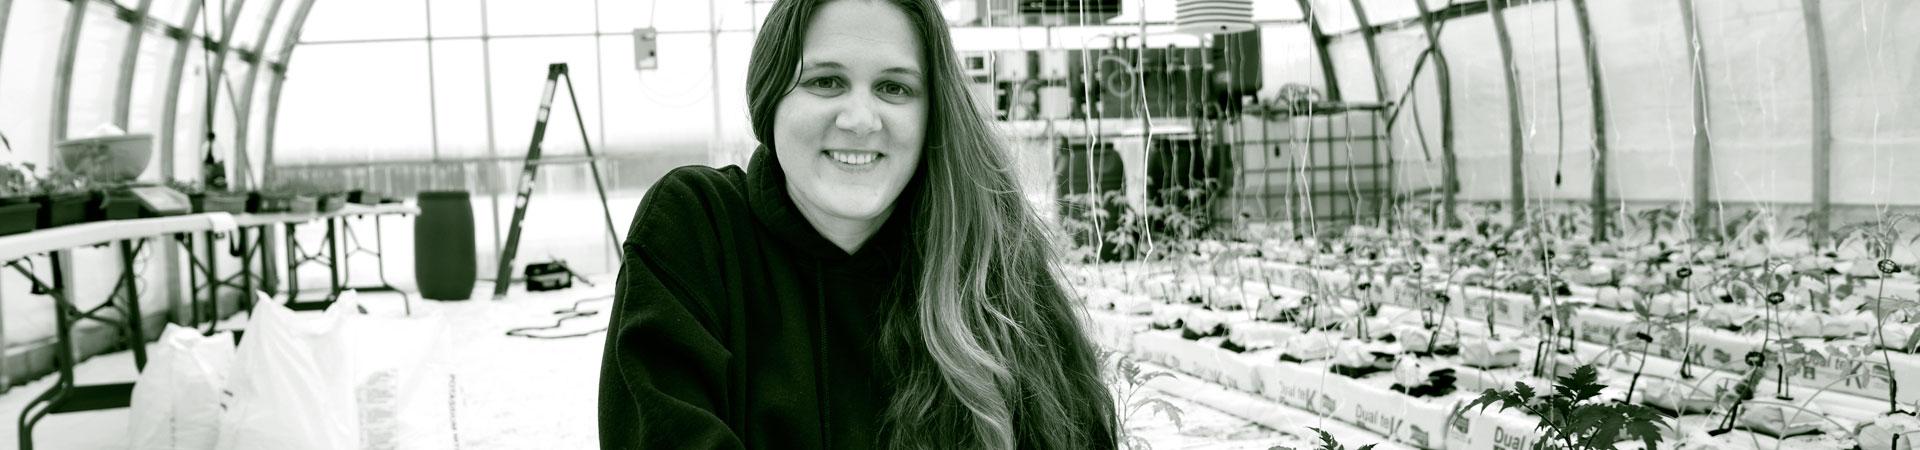 Myriam-Desrosiers—les-jardins-secrets-d'océane